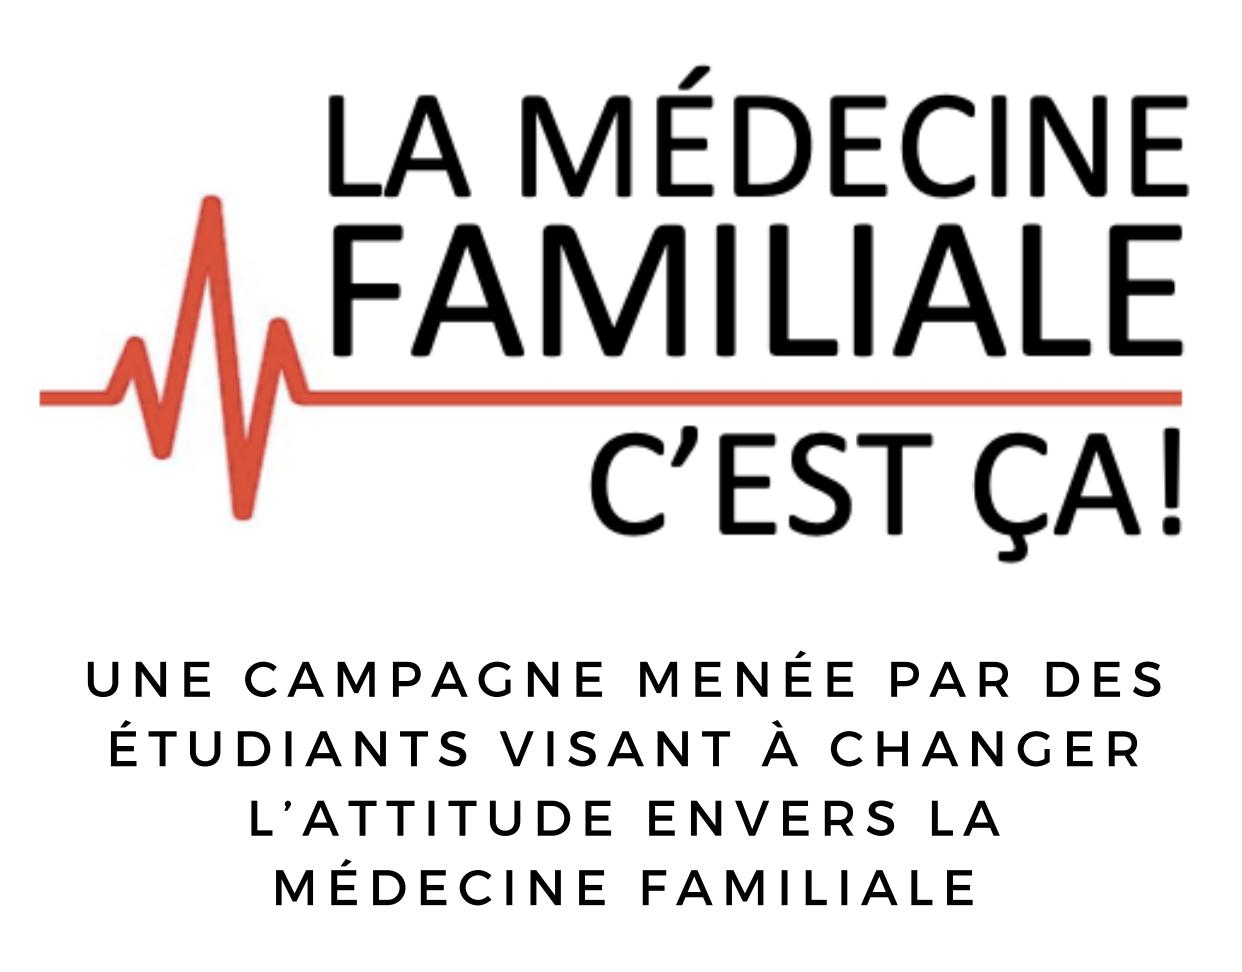 Logo This is Family Medicine (la médecine familiale, c'est ça!)